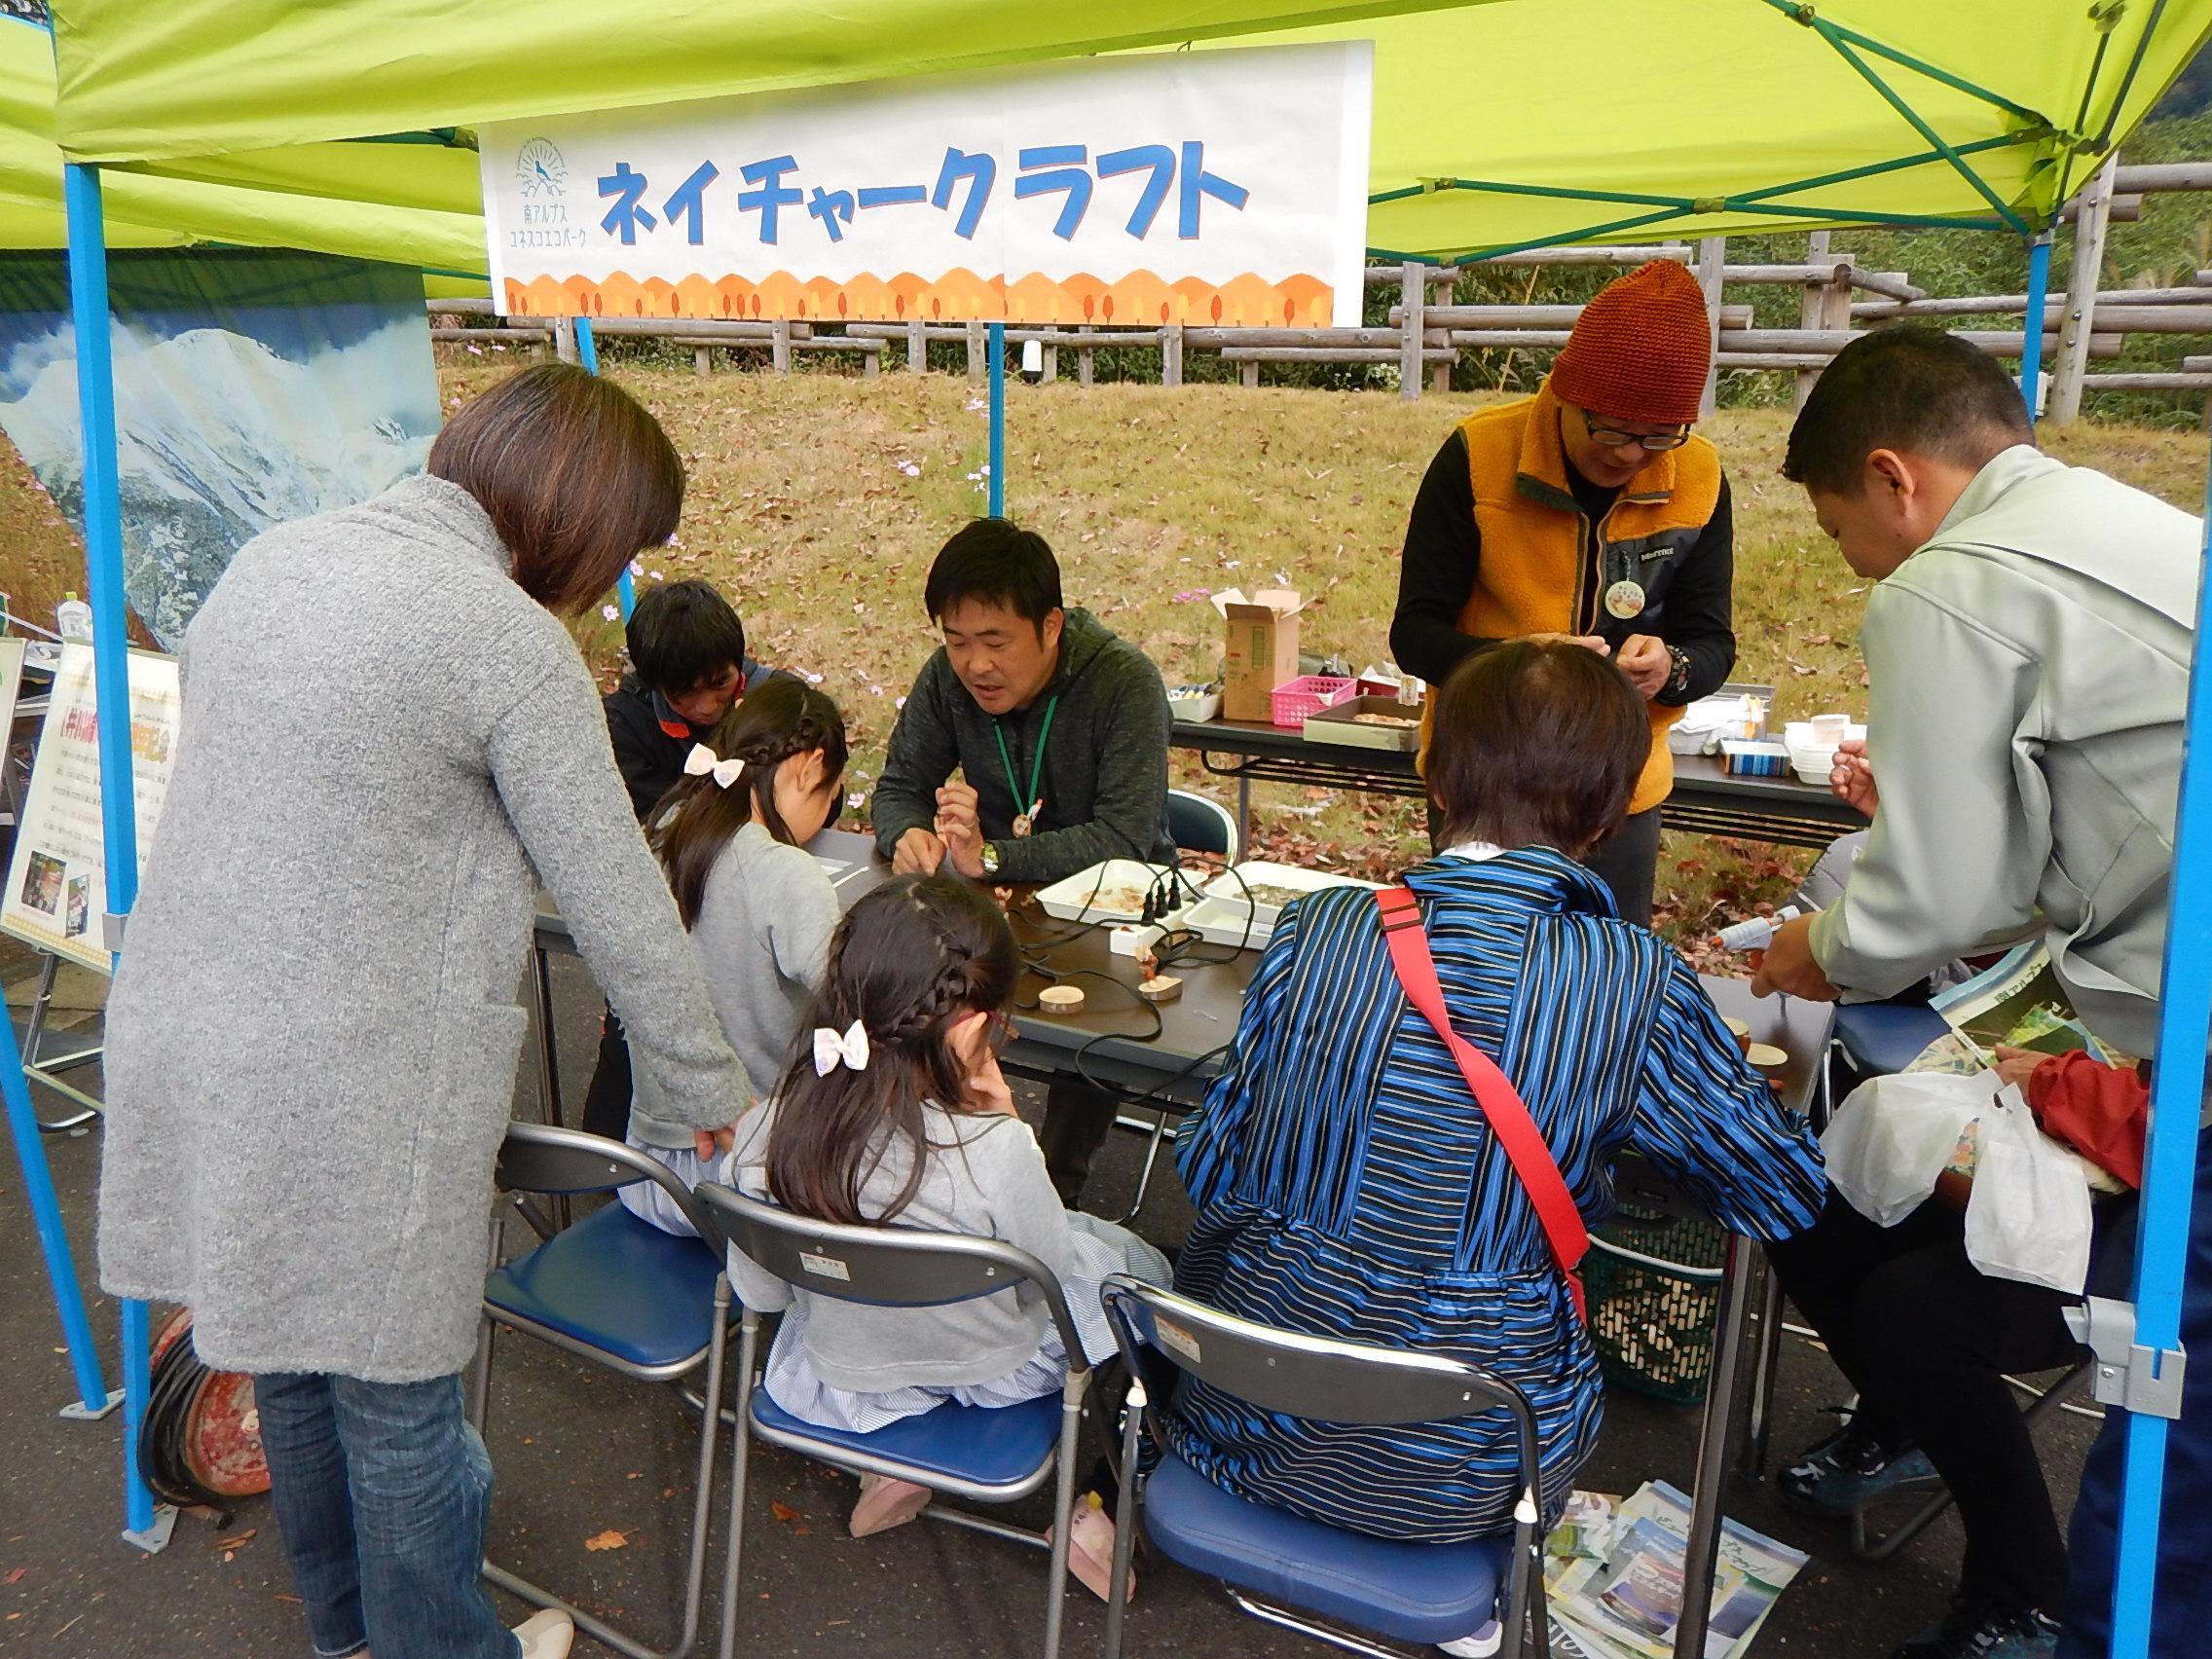 https://www.shizutan.jp/learning/images/DSCN8709.JPG